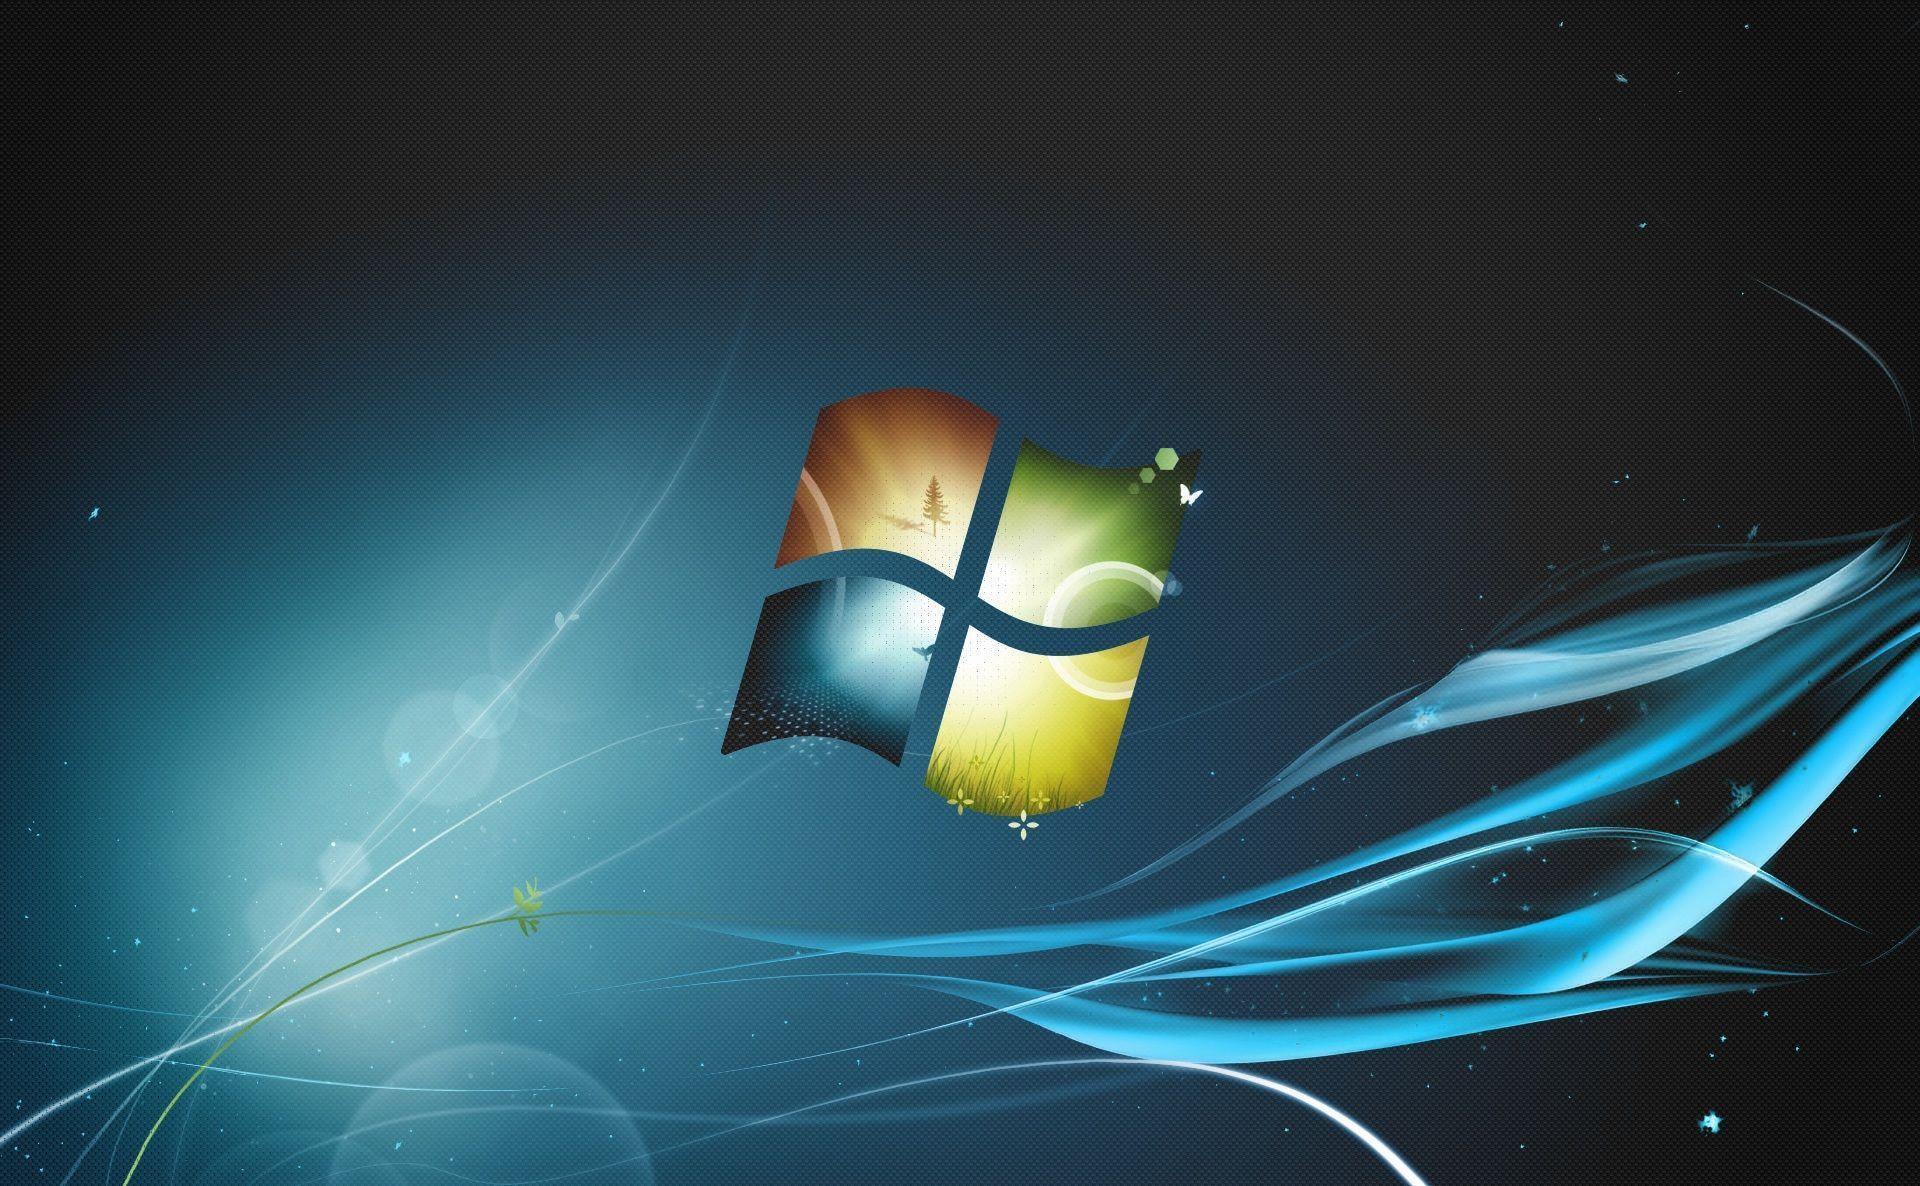 Windows 7 - фото обои для рабочего стола, картинки для Windows 7